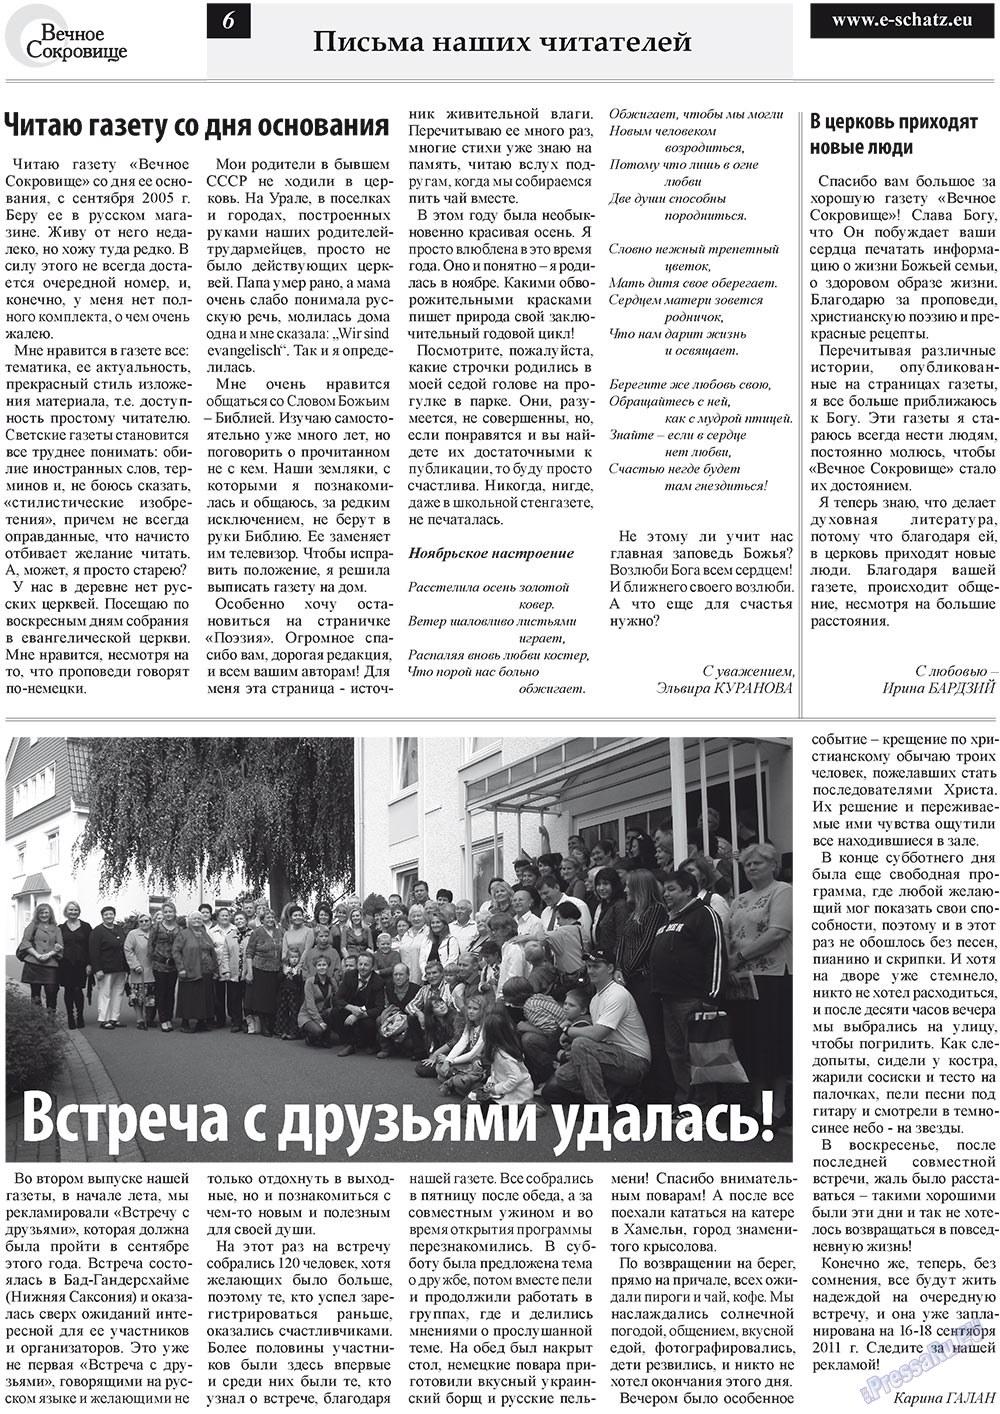 Вечное сокровище (газета). 2010 год, номер 4, стр. 6